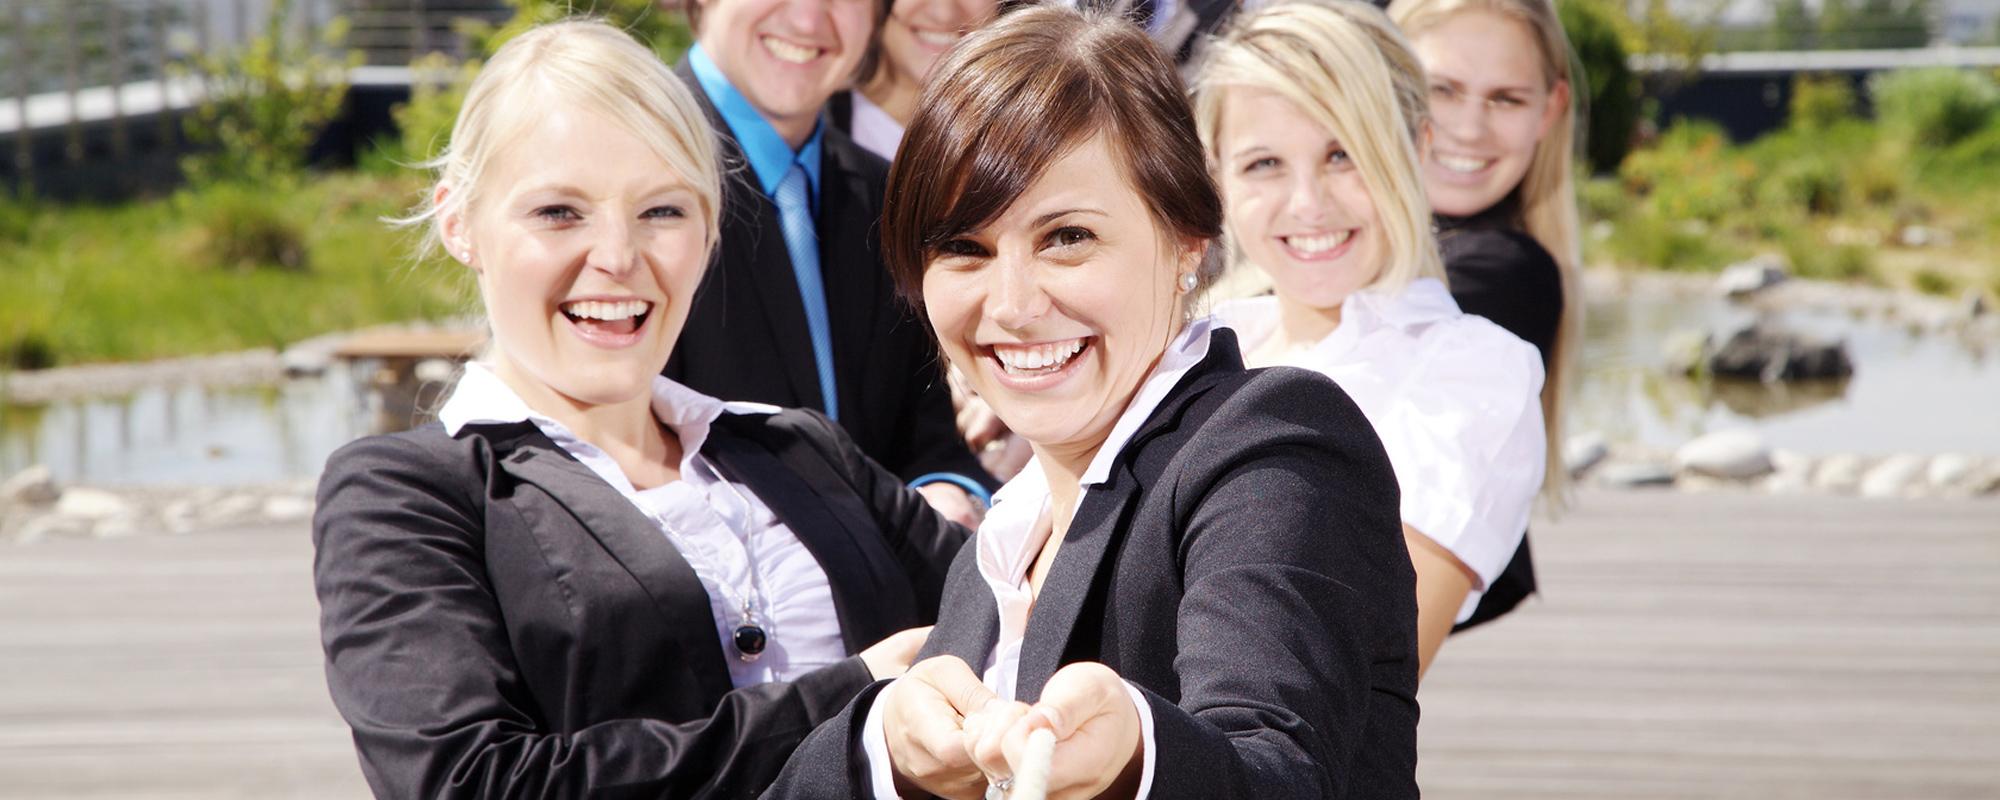 Ein Bonus für Ihre Mitarbeiter und für Ihre Firma! fullsize